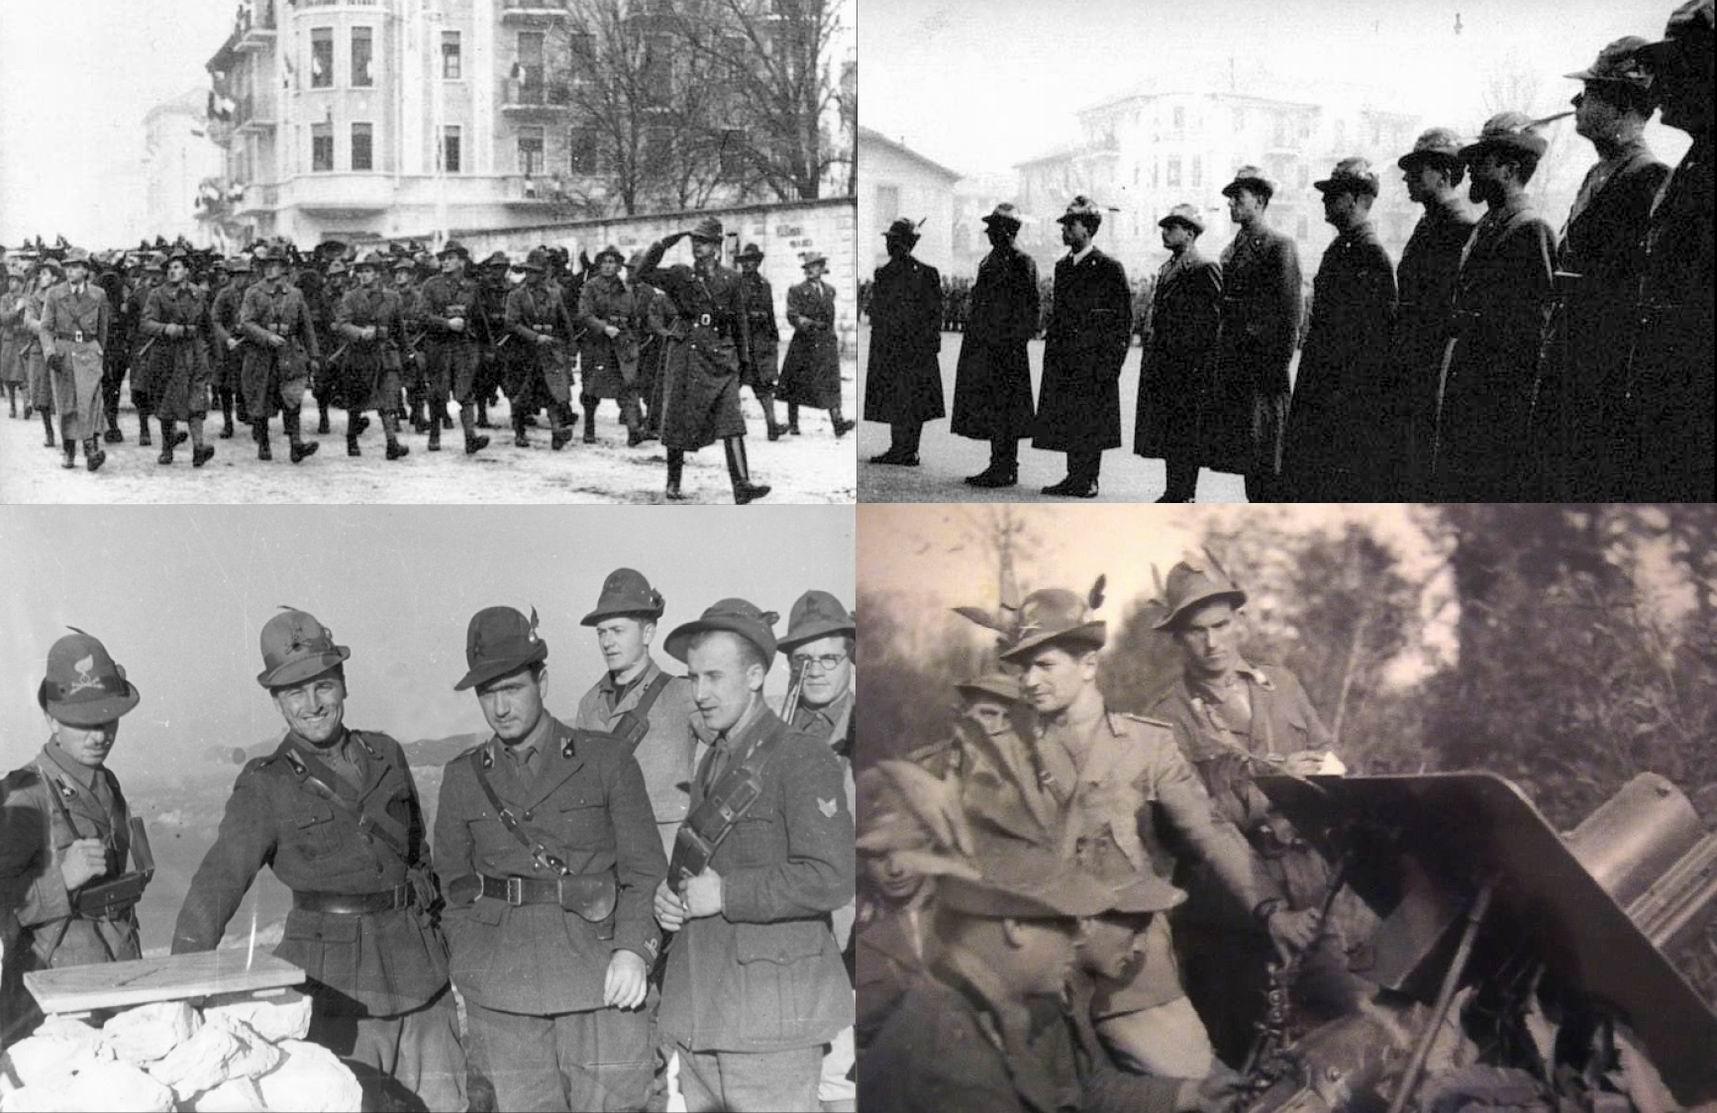 Вверху слева -  Пампалони марширует во главе батареи, 1940г., Вверху справа - Пампалони 2й справа среди офицеров, 1940г. Внизу слева - артиллеристы 33го полка и, похоже, санитары. Внизу справа - лейтенант Ренцо Аполлонио, еще один герой Сопротивления на Кефалонии. Капитан Корелли в книге и фильме -собирательный образ Пампалони и Апполонио.